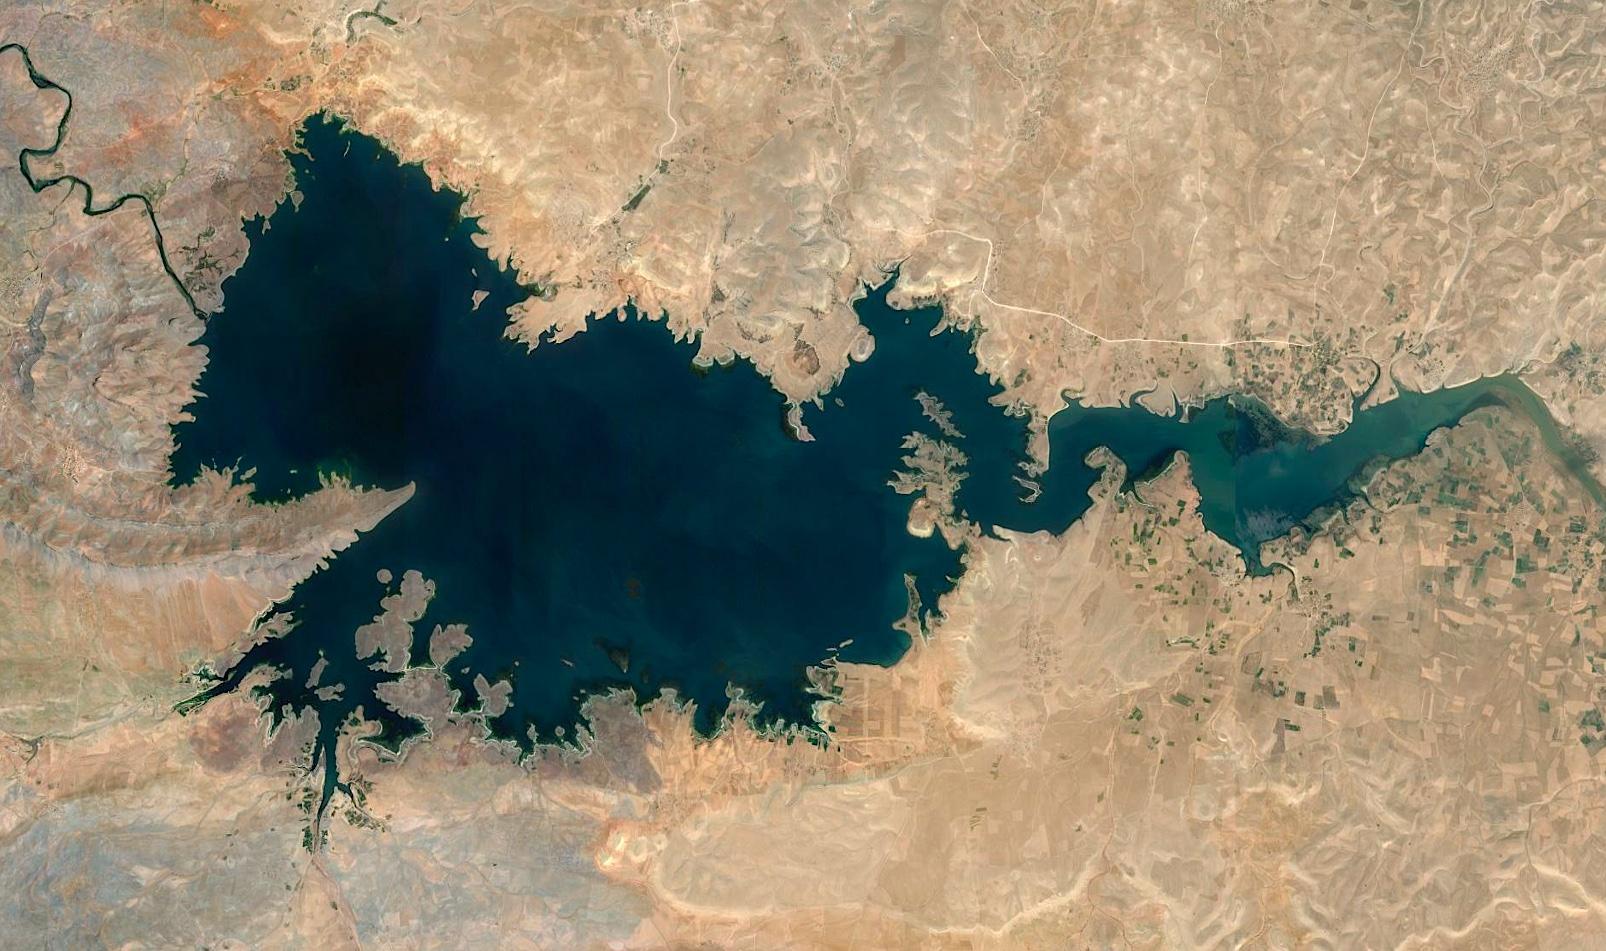 Al Massira sur l'Oum Er R'bia est la 2ème plus grande retenue d'eau (2,8 milliards de m3) du Maroc